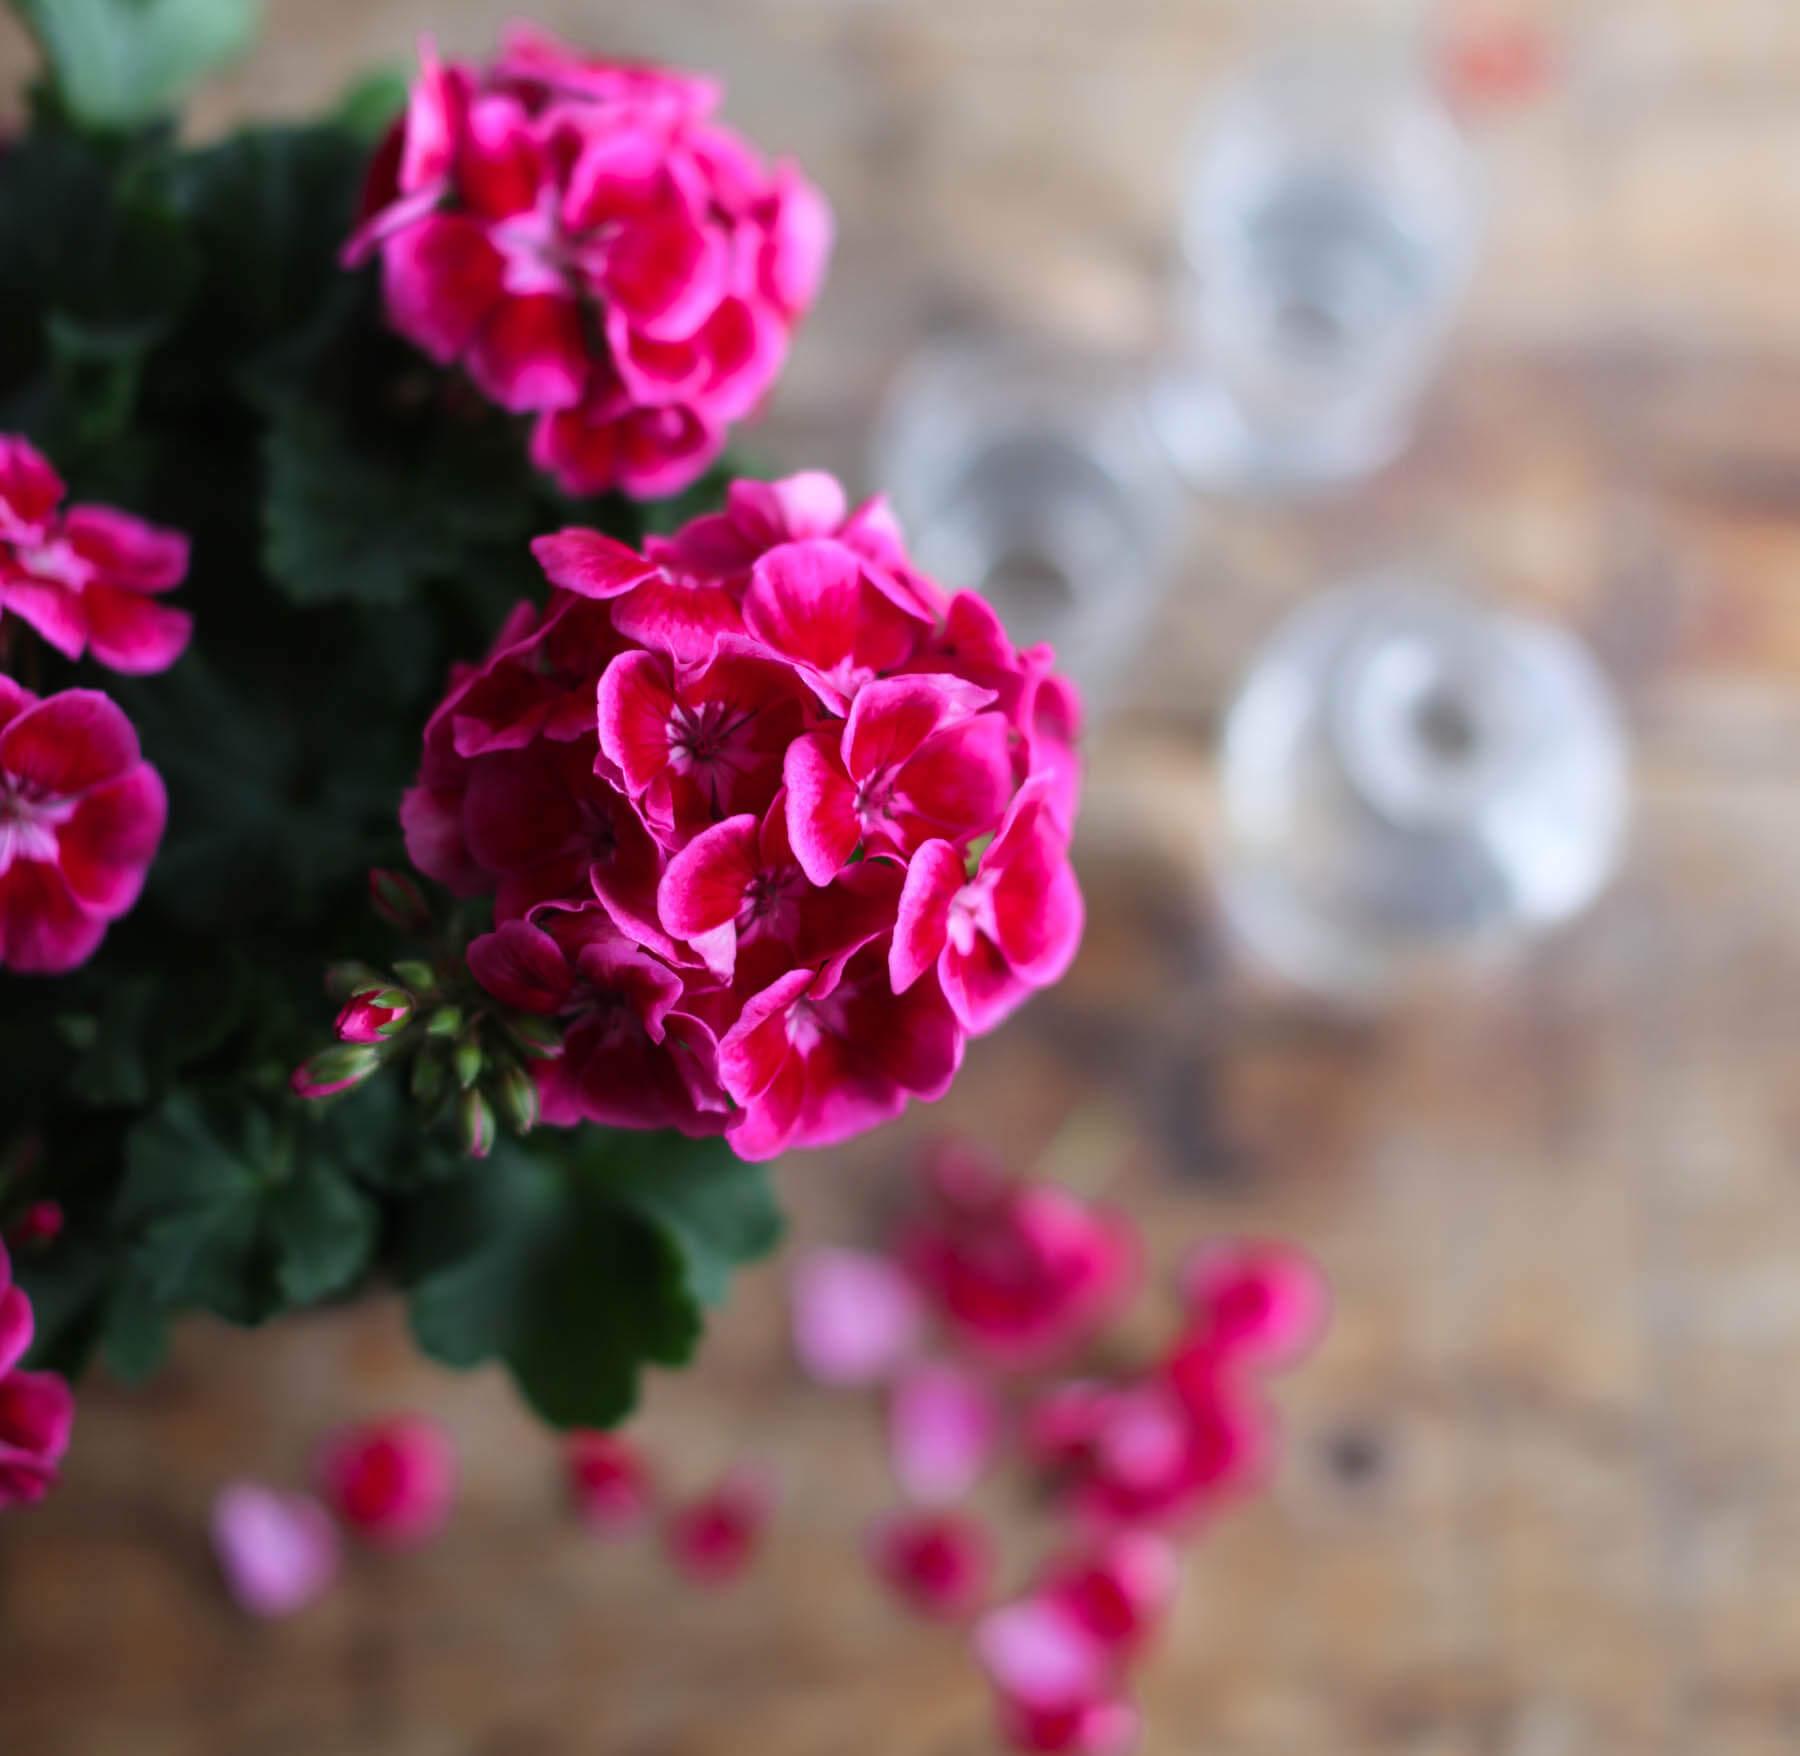 Årets pelargon 2020 är starkt cerise och röd. Den heter Tango Deep Rose With Eye.